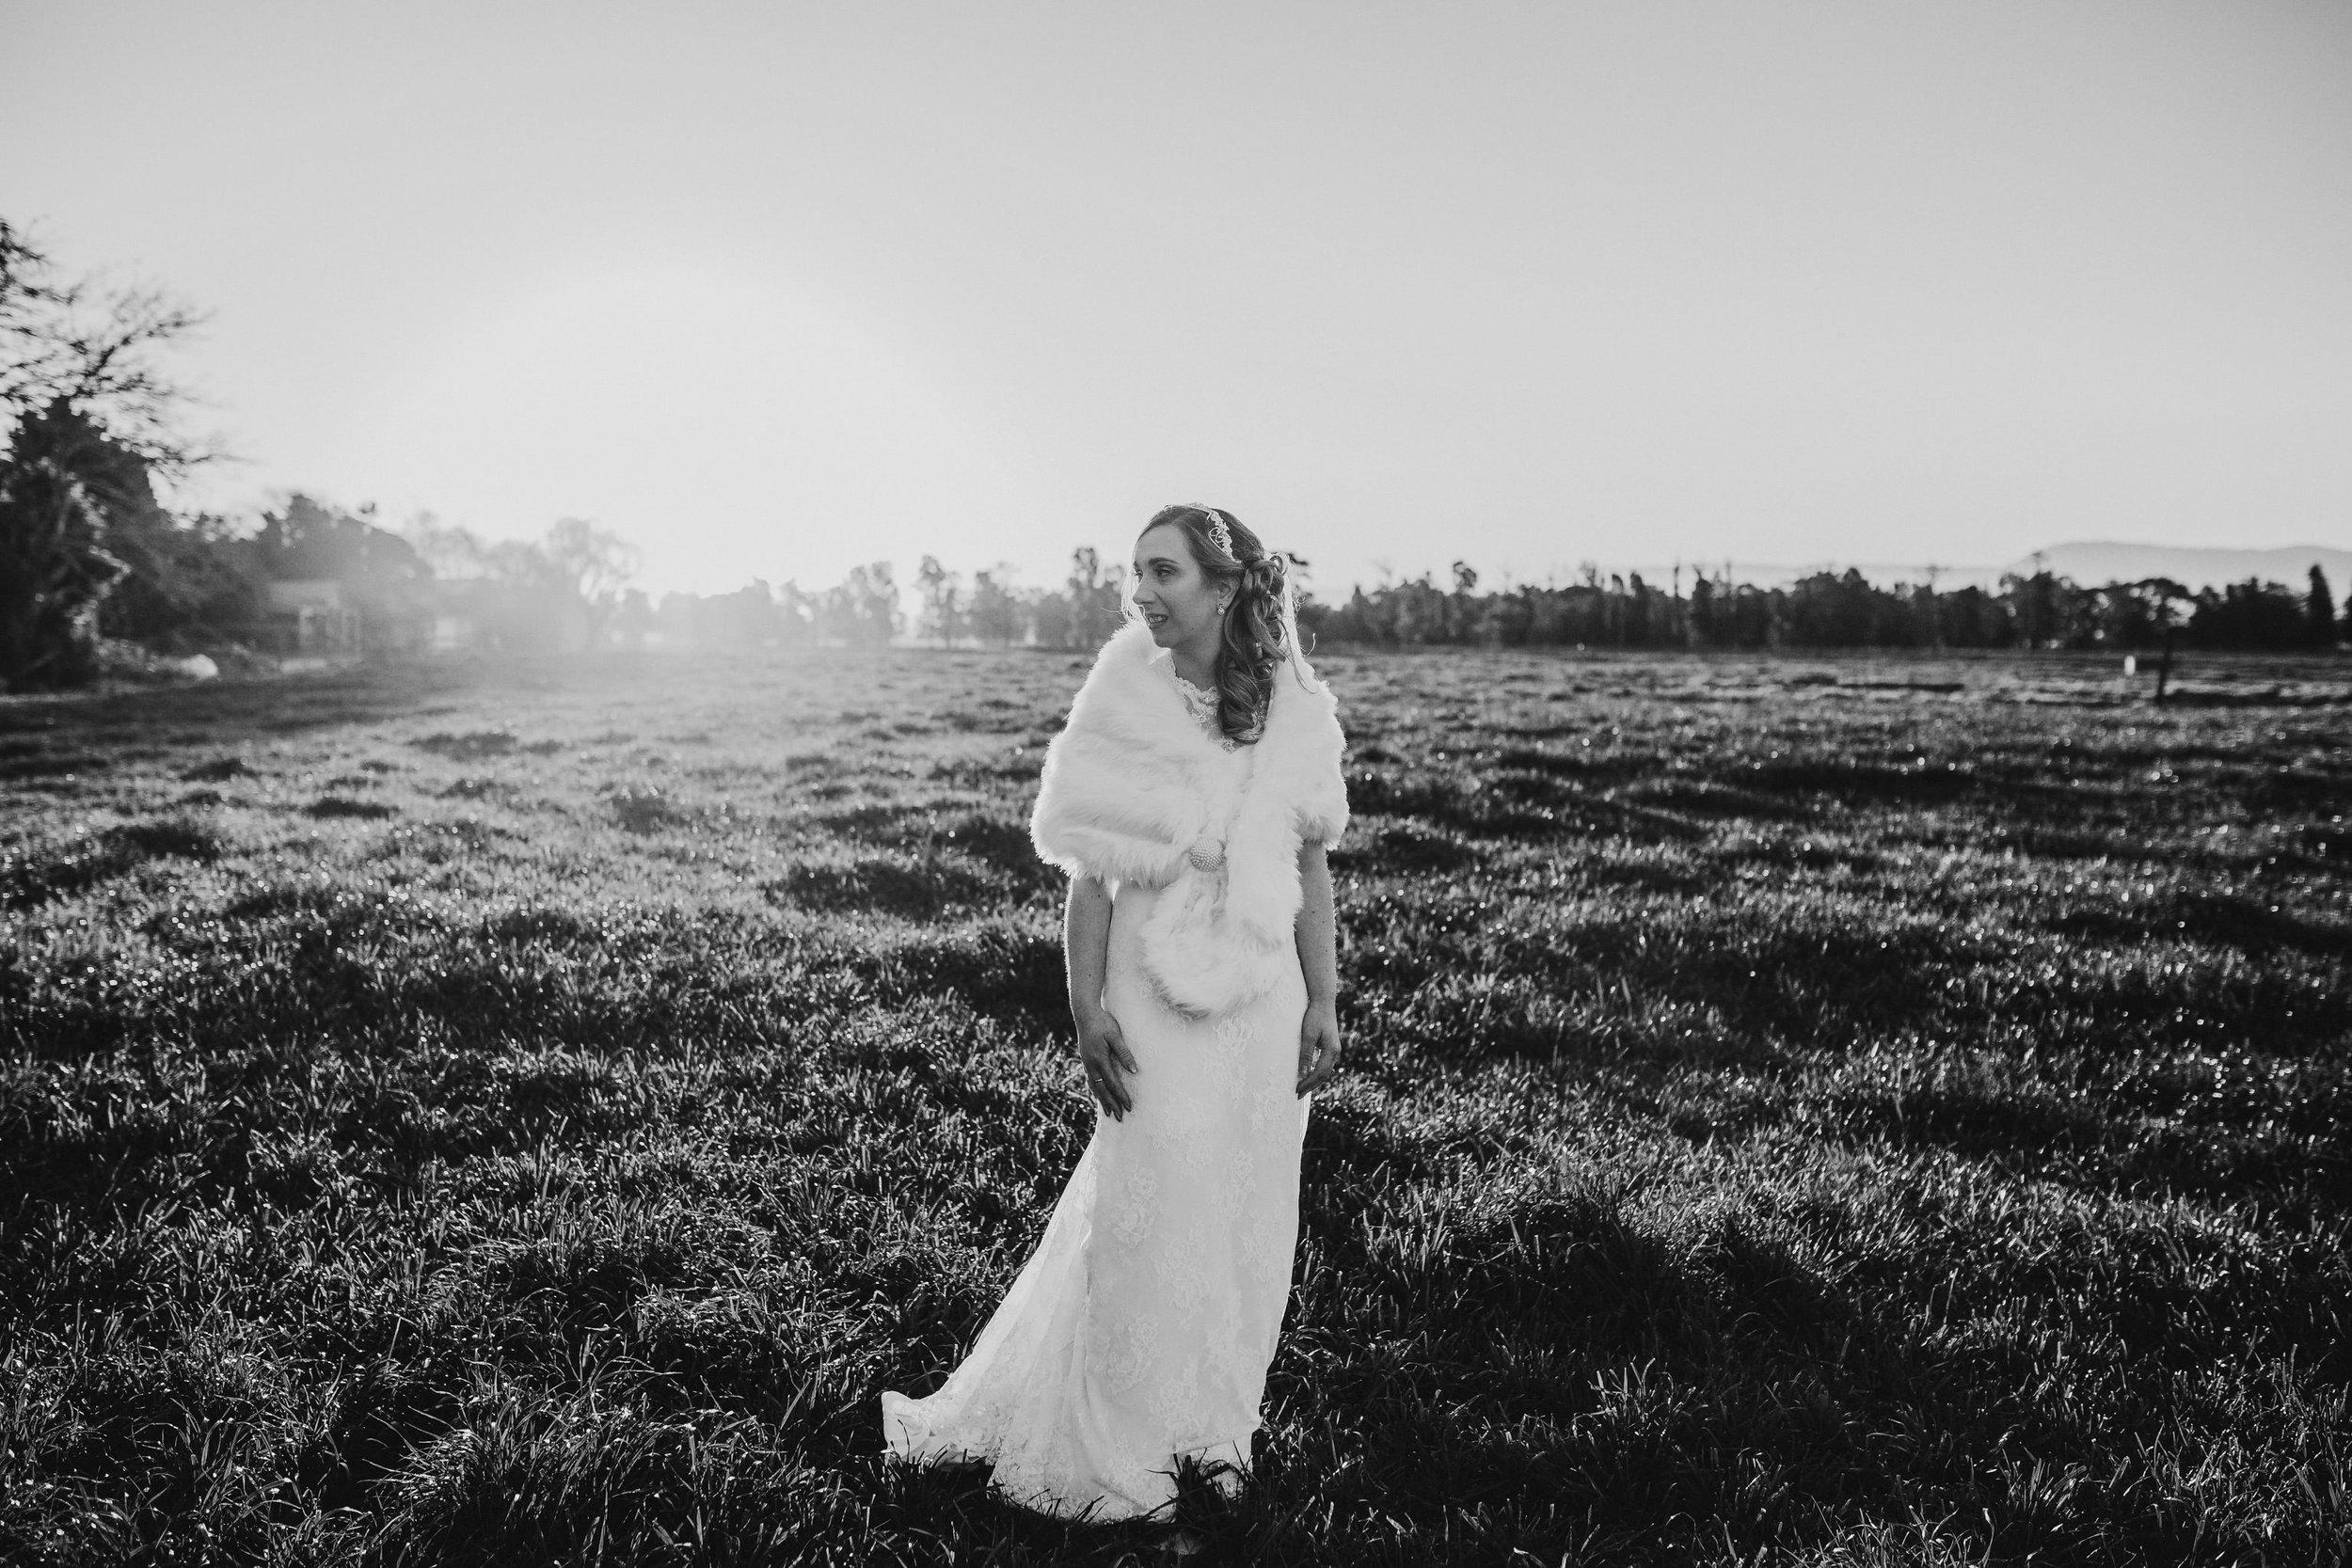 ElizaJadePhotography-28.jpg